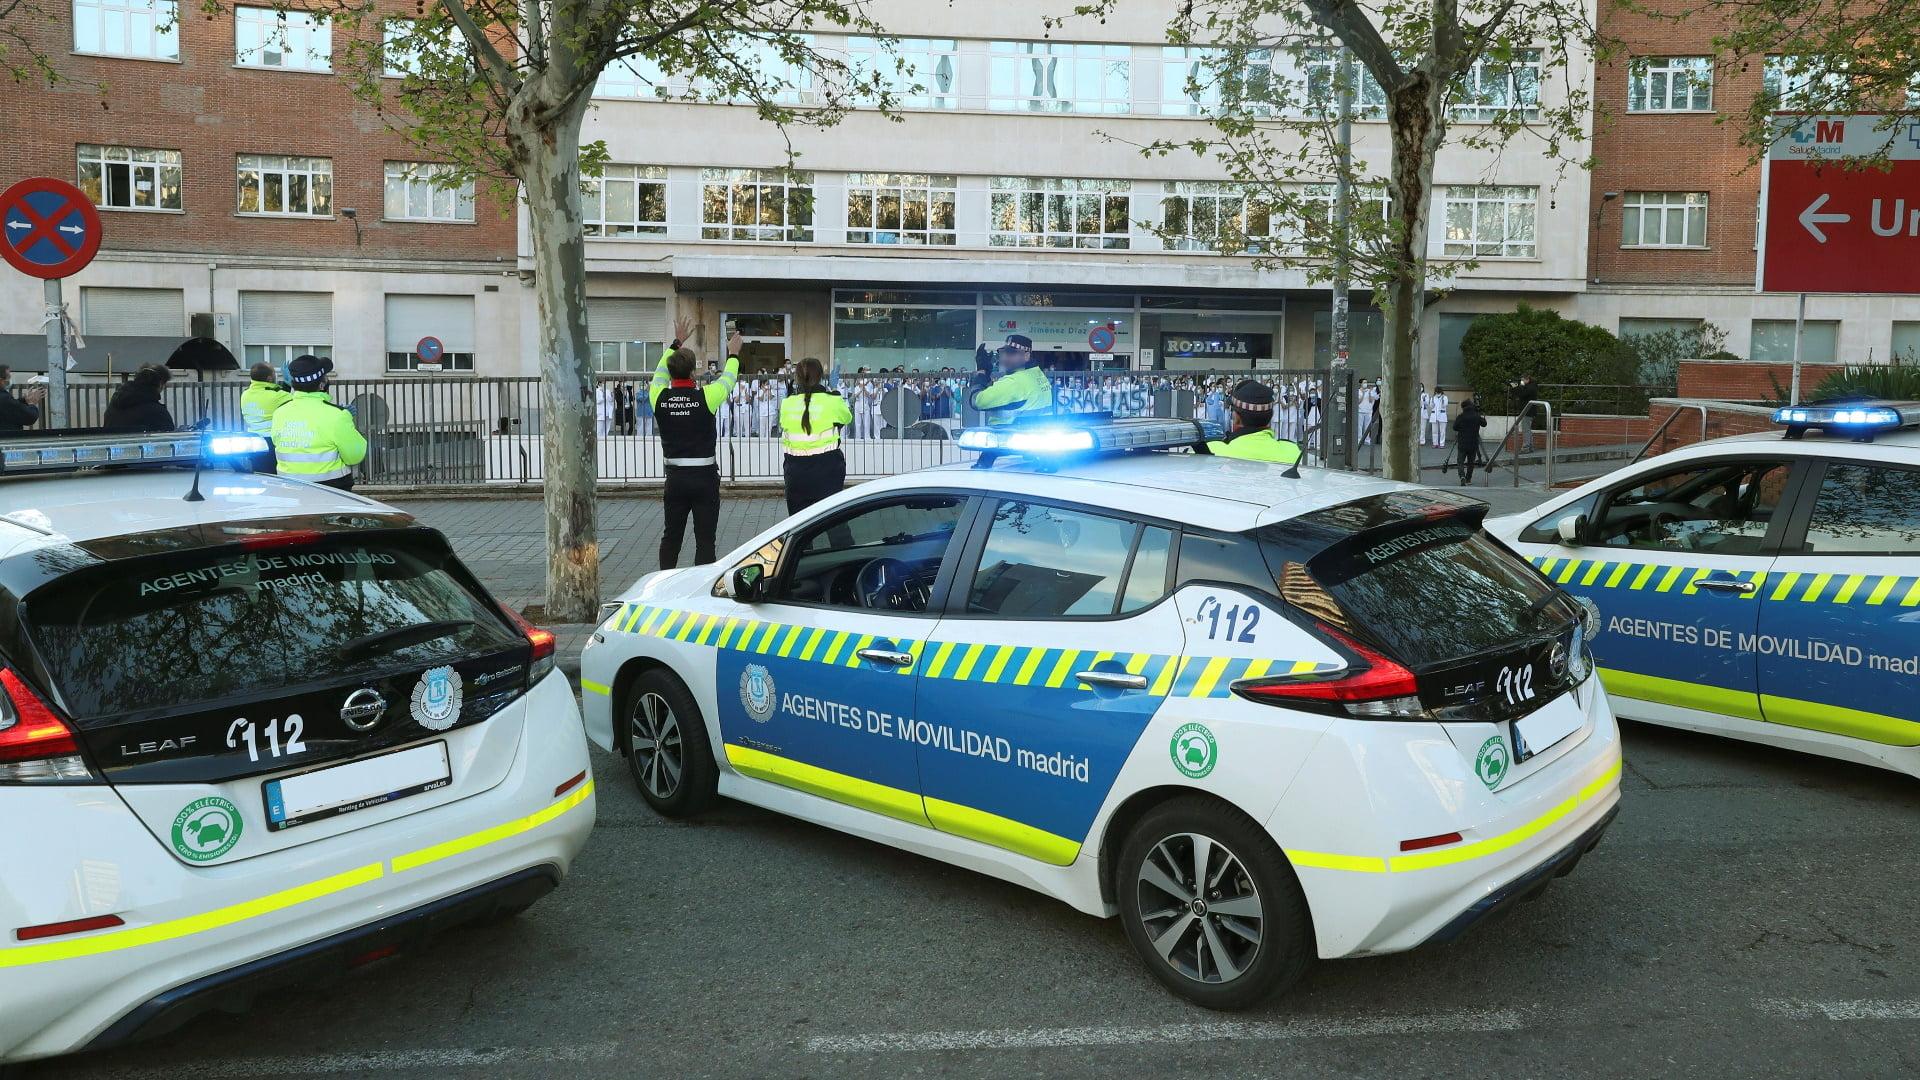 Vigilancia del Crimen: 20 de diciembre de 2013